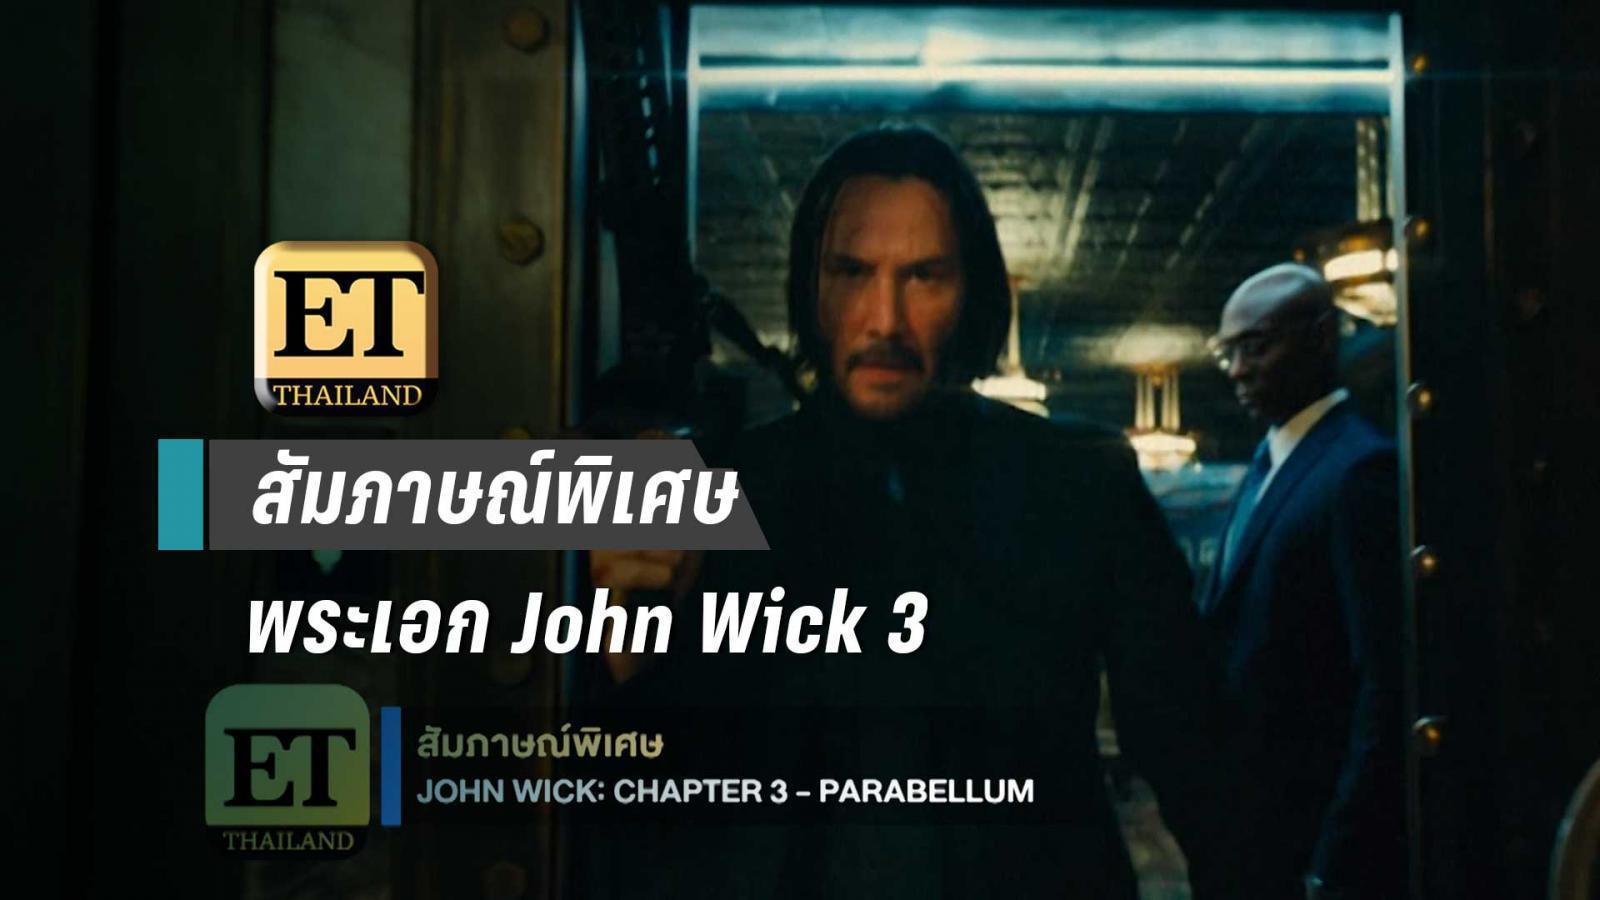 """สัมภาษณ์พิเศษ """"คีอานู รีฟส์"""" พระเอก John Wick 3"""